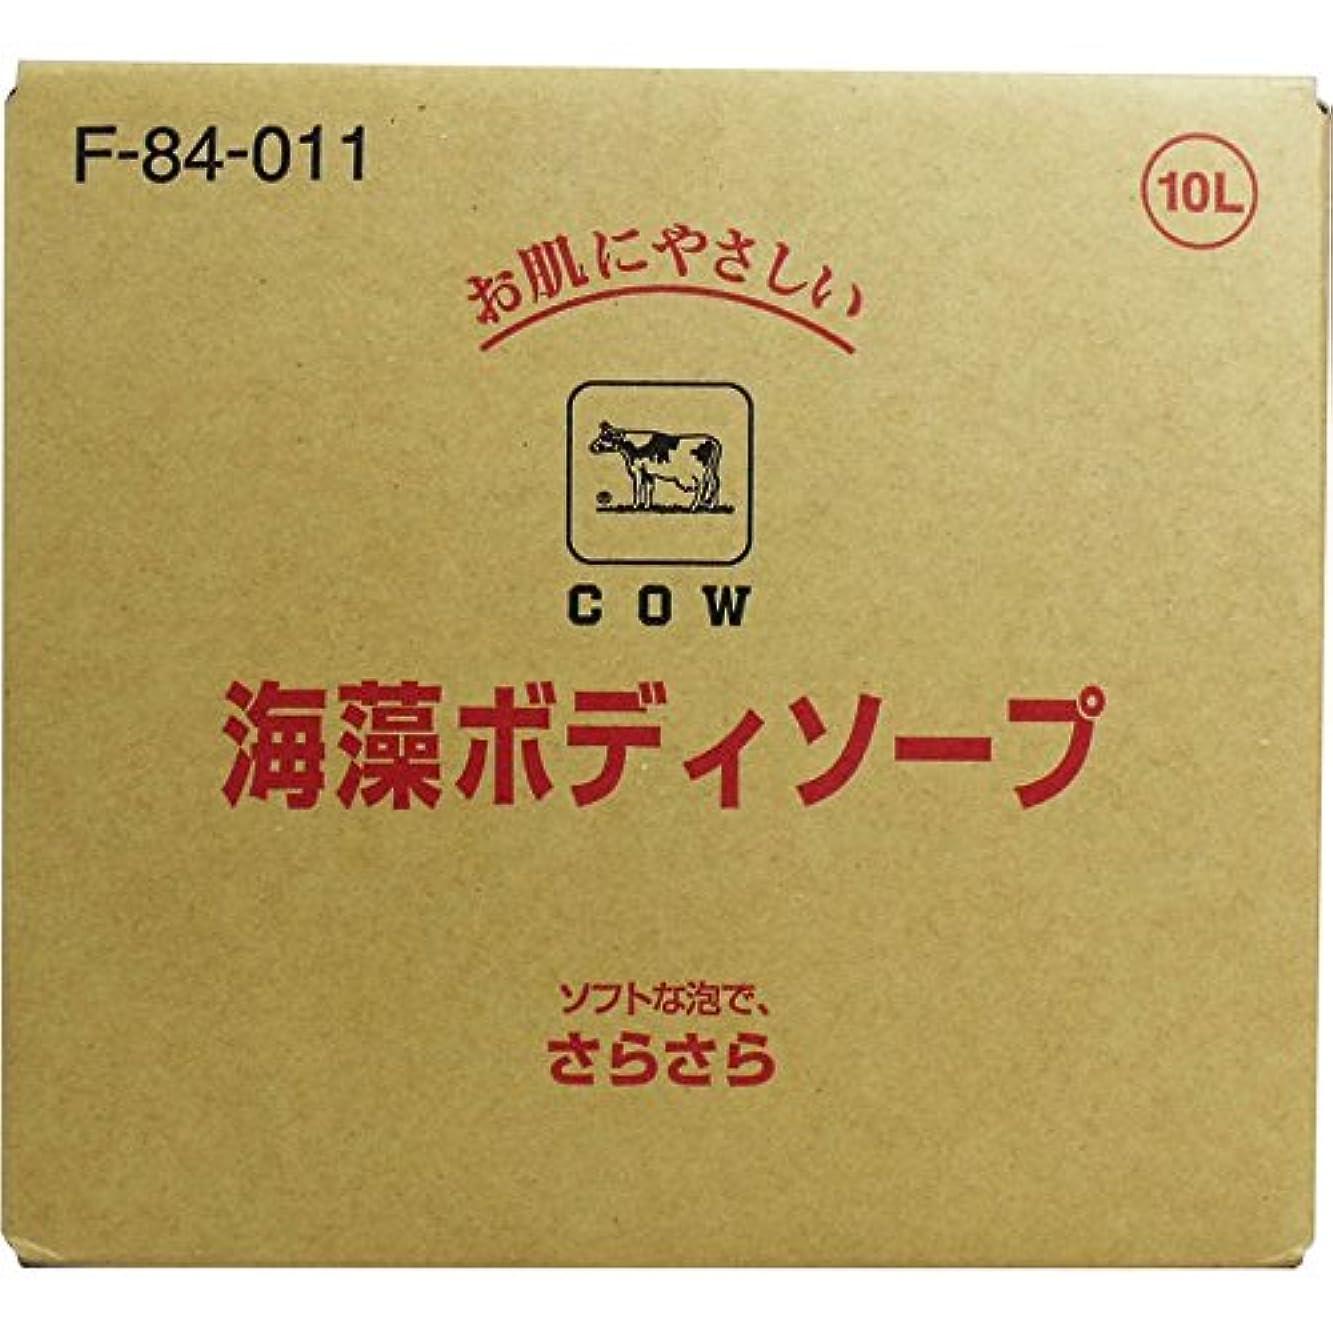 番号極端な作曲するボディ 石けん詰め替え さらさらした洗い心地 便利商品 牛乳ブランド 海藻ボディソープ 業務用 10L